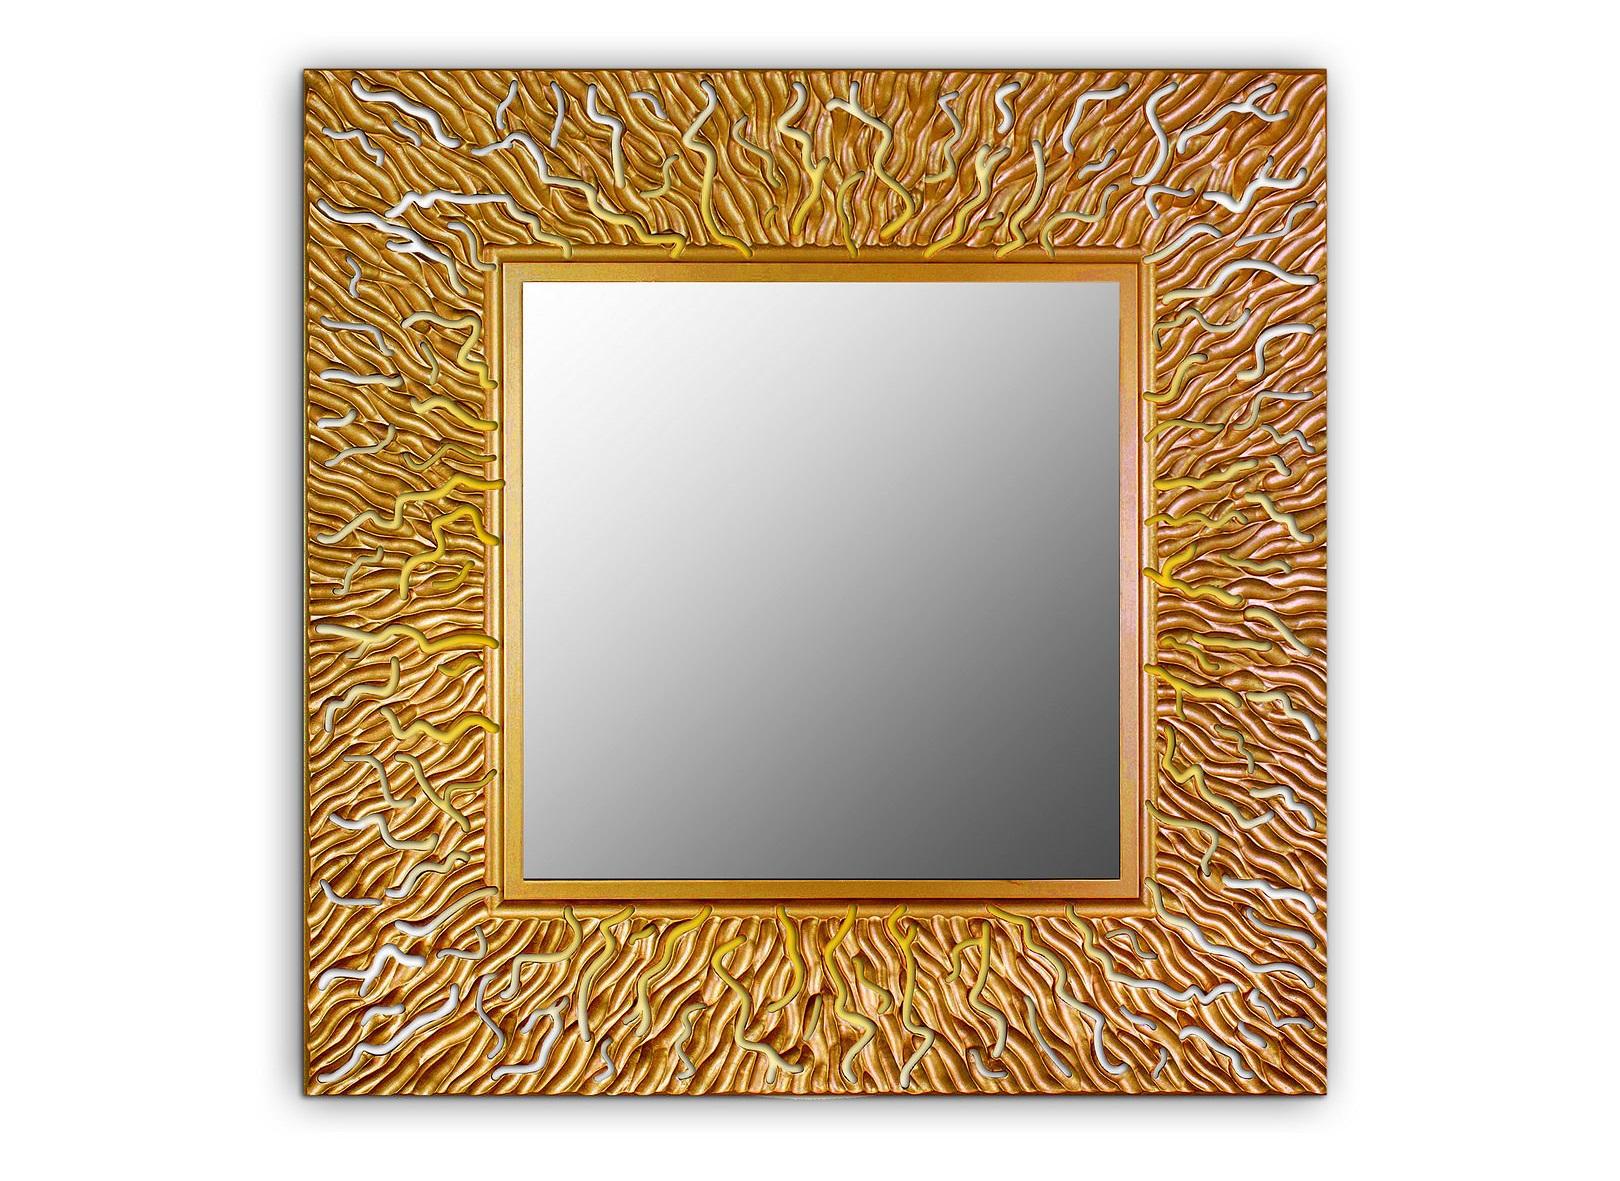 Зеркало CORALНастенные зеркала<br>Из тьмы морских глубин к свету тянутся кружевные ветки кораллов,напоминая о том,что творчество и успех,сила и красота есть в каждом из нас. <br>Рука резчика запечатлела живой и неповторимый узор коралла, превратив его в великолепное украшение дома. <br>Данный вариант представлен в квадратной форме.&amp;lt;div&amp;gt;&amp;lt;br&amp;gt;&amp;lt;/div&amp;gt;&amp;lt;div&amp;gt;&amp;lt;p class=&amp;quot;MsoNormal&amp;quot;&amp;gt;Товарное предложение оснащено светодиодной подсветкой.&amp;lt;o:p&amp;gt;&amp;lt;/o:p&amp;gt;&amp;lt;/p&amp;gt;&amp;lt;/div&amp;gt;<br><br>Material: Дерево<br>Width см: 90<br>Depth см: 0,8<br>Height см: 90<br>Diameter см: None